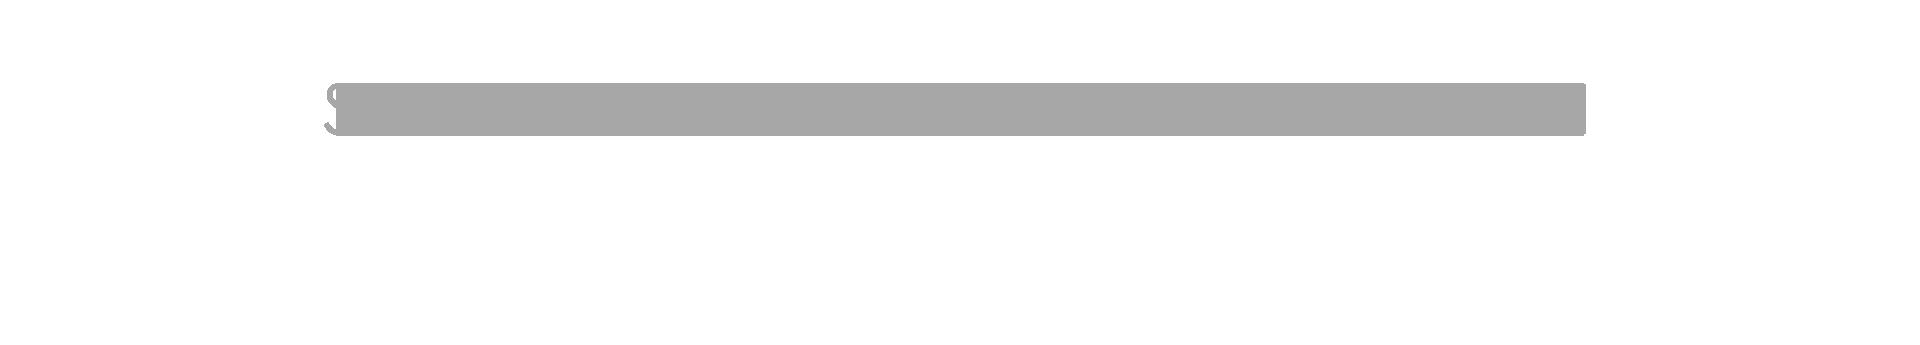 Scott Moorhen Photography